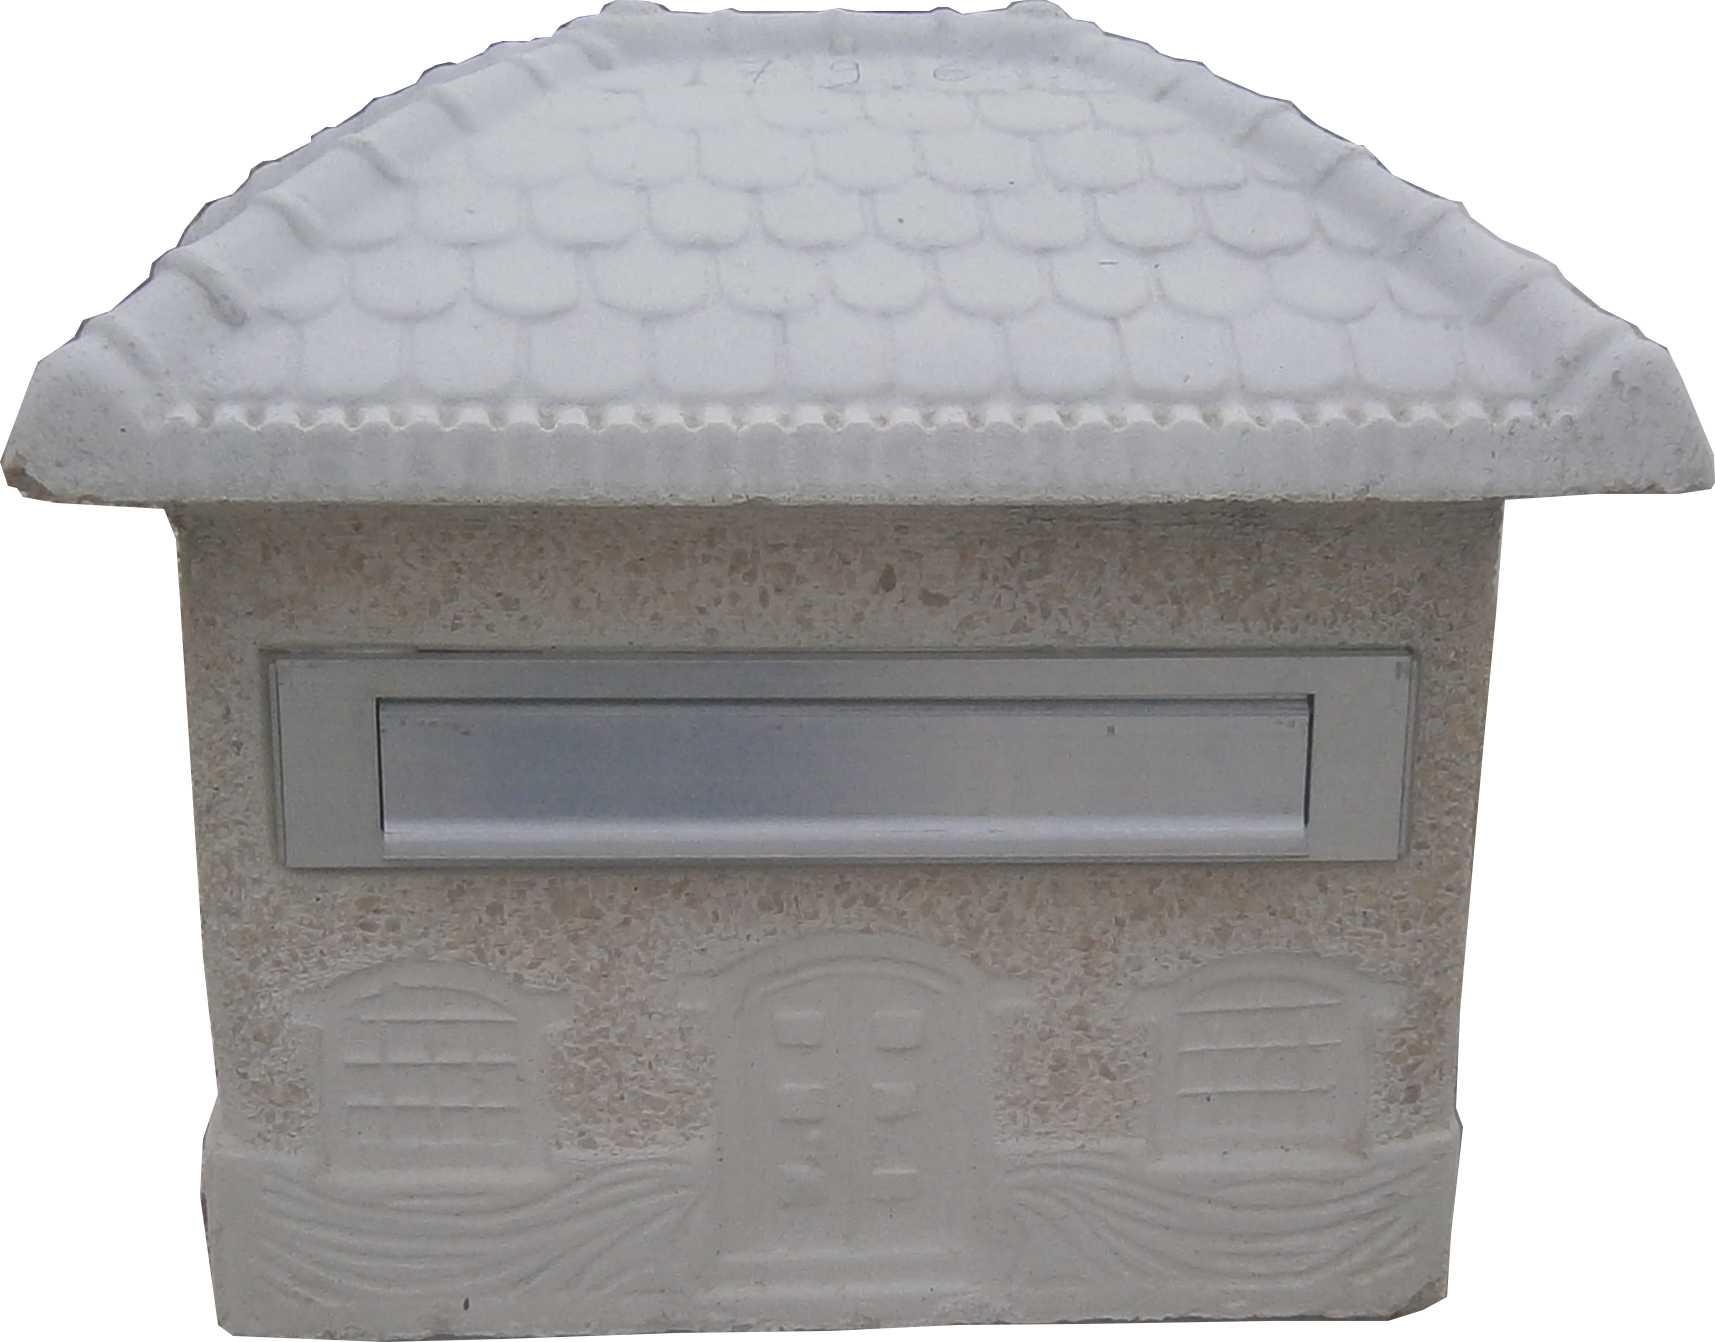 Boite aux lettre en forme de maison - Vieille boite aux lettres ...